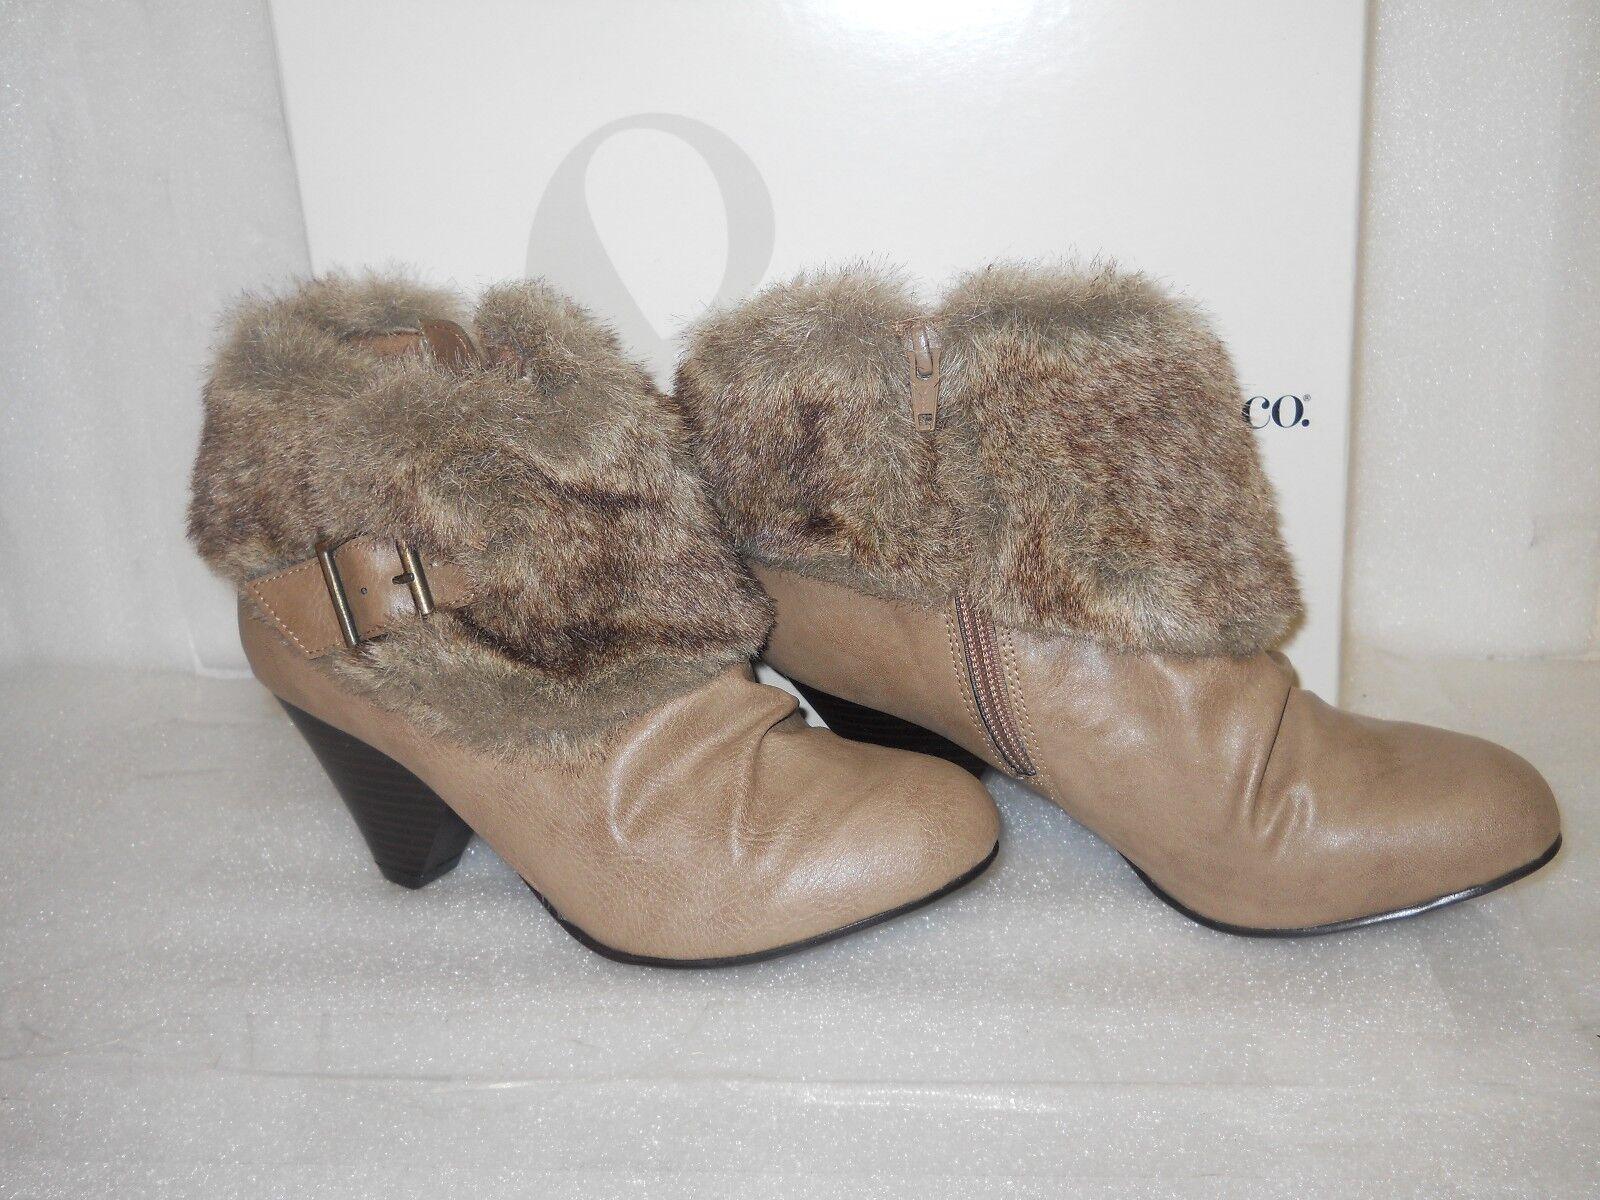 vendita online sconto prezzo basso Style & & & Co New donna Sookie Natural Taupe stivali 5.5 M scarpe NWB  basso prezzo del 40%